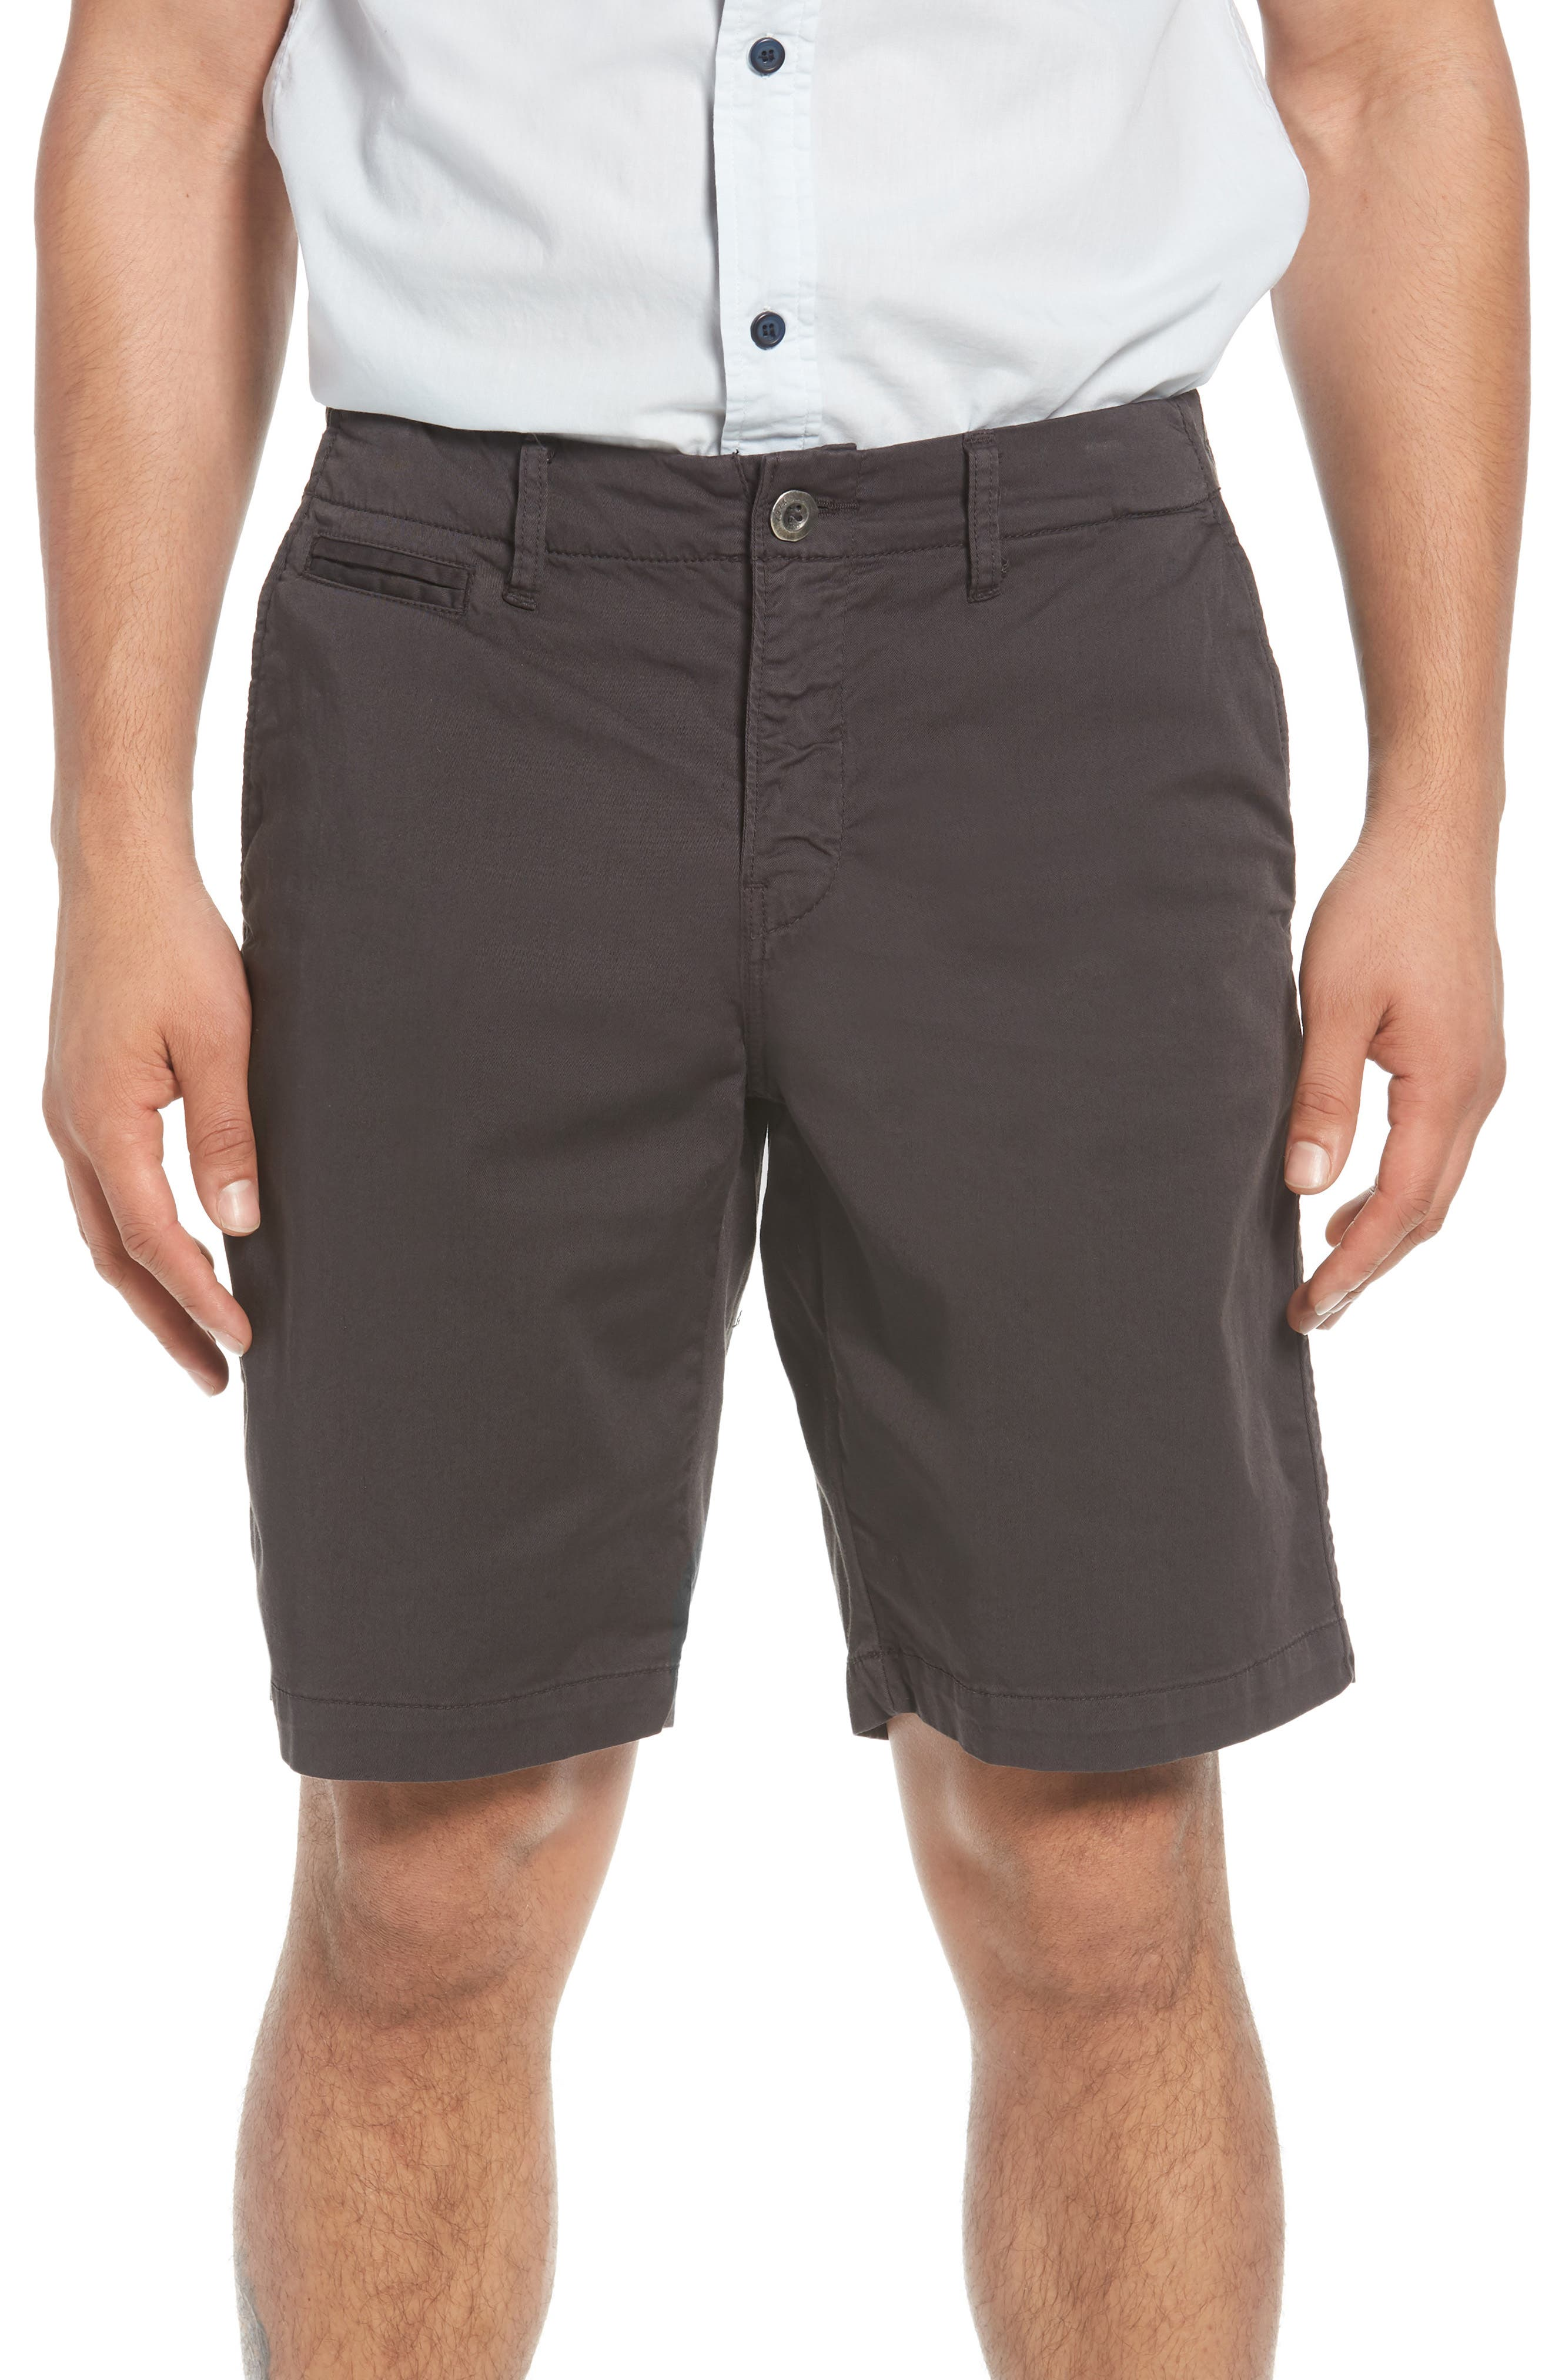 St. Barts Twill Shorts,                             Main thumbnail 2, color,